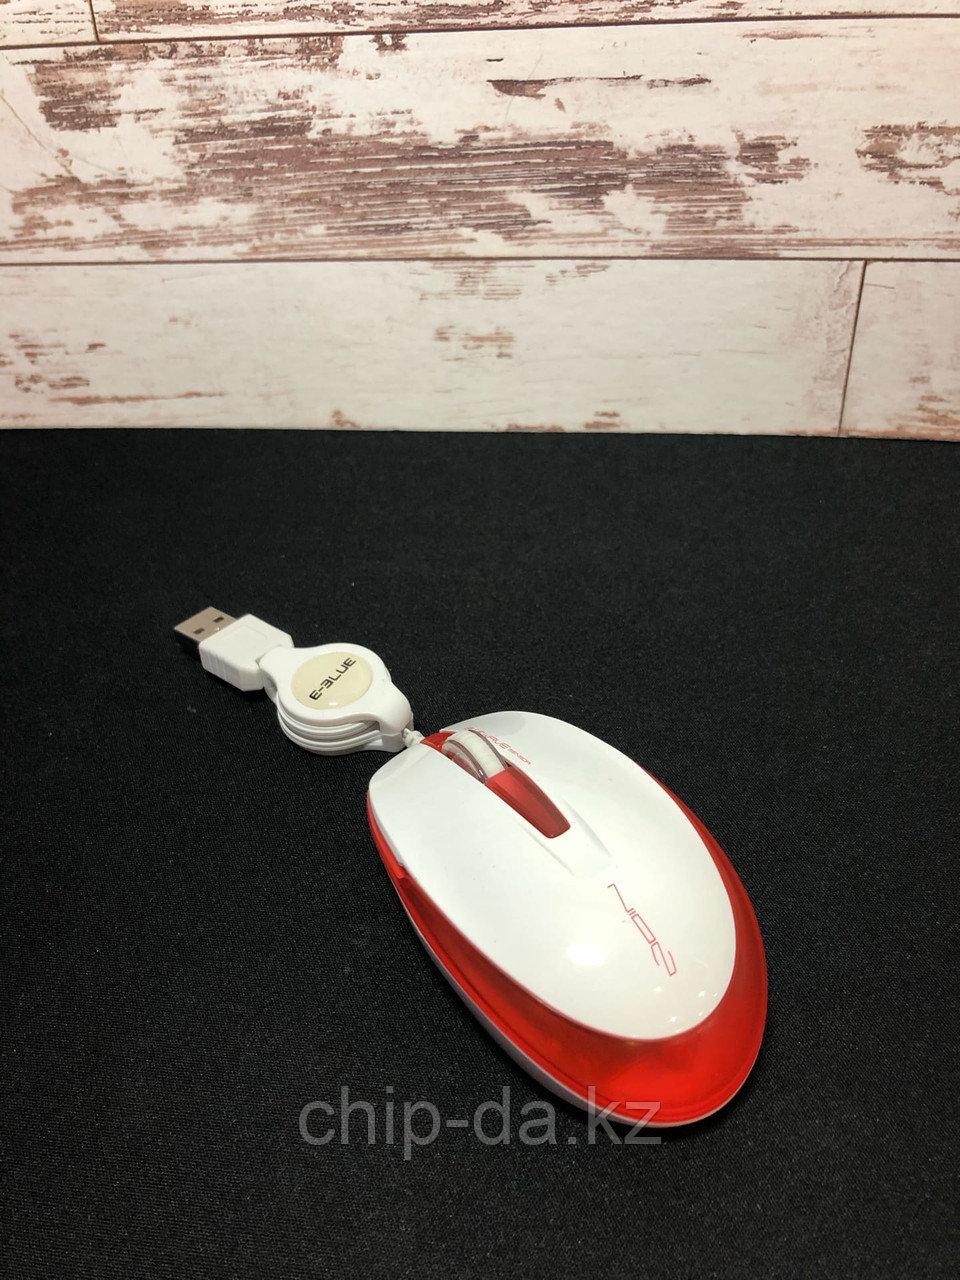 Проводная мышь для ноутбука E- blue ems110wh